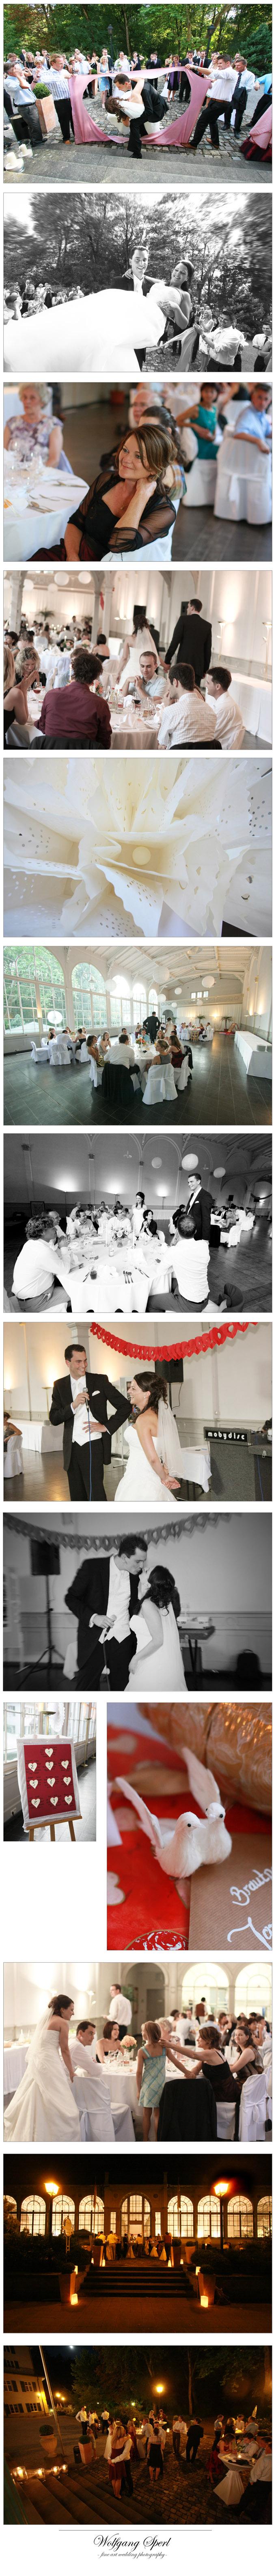 Fürstenhof Fürstensaal Bad Imnau Hotel Hochzeit